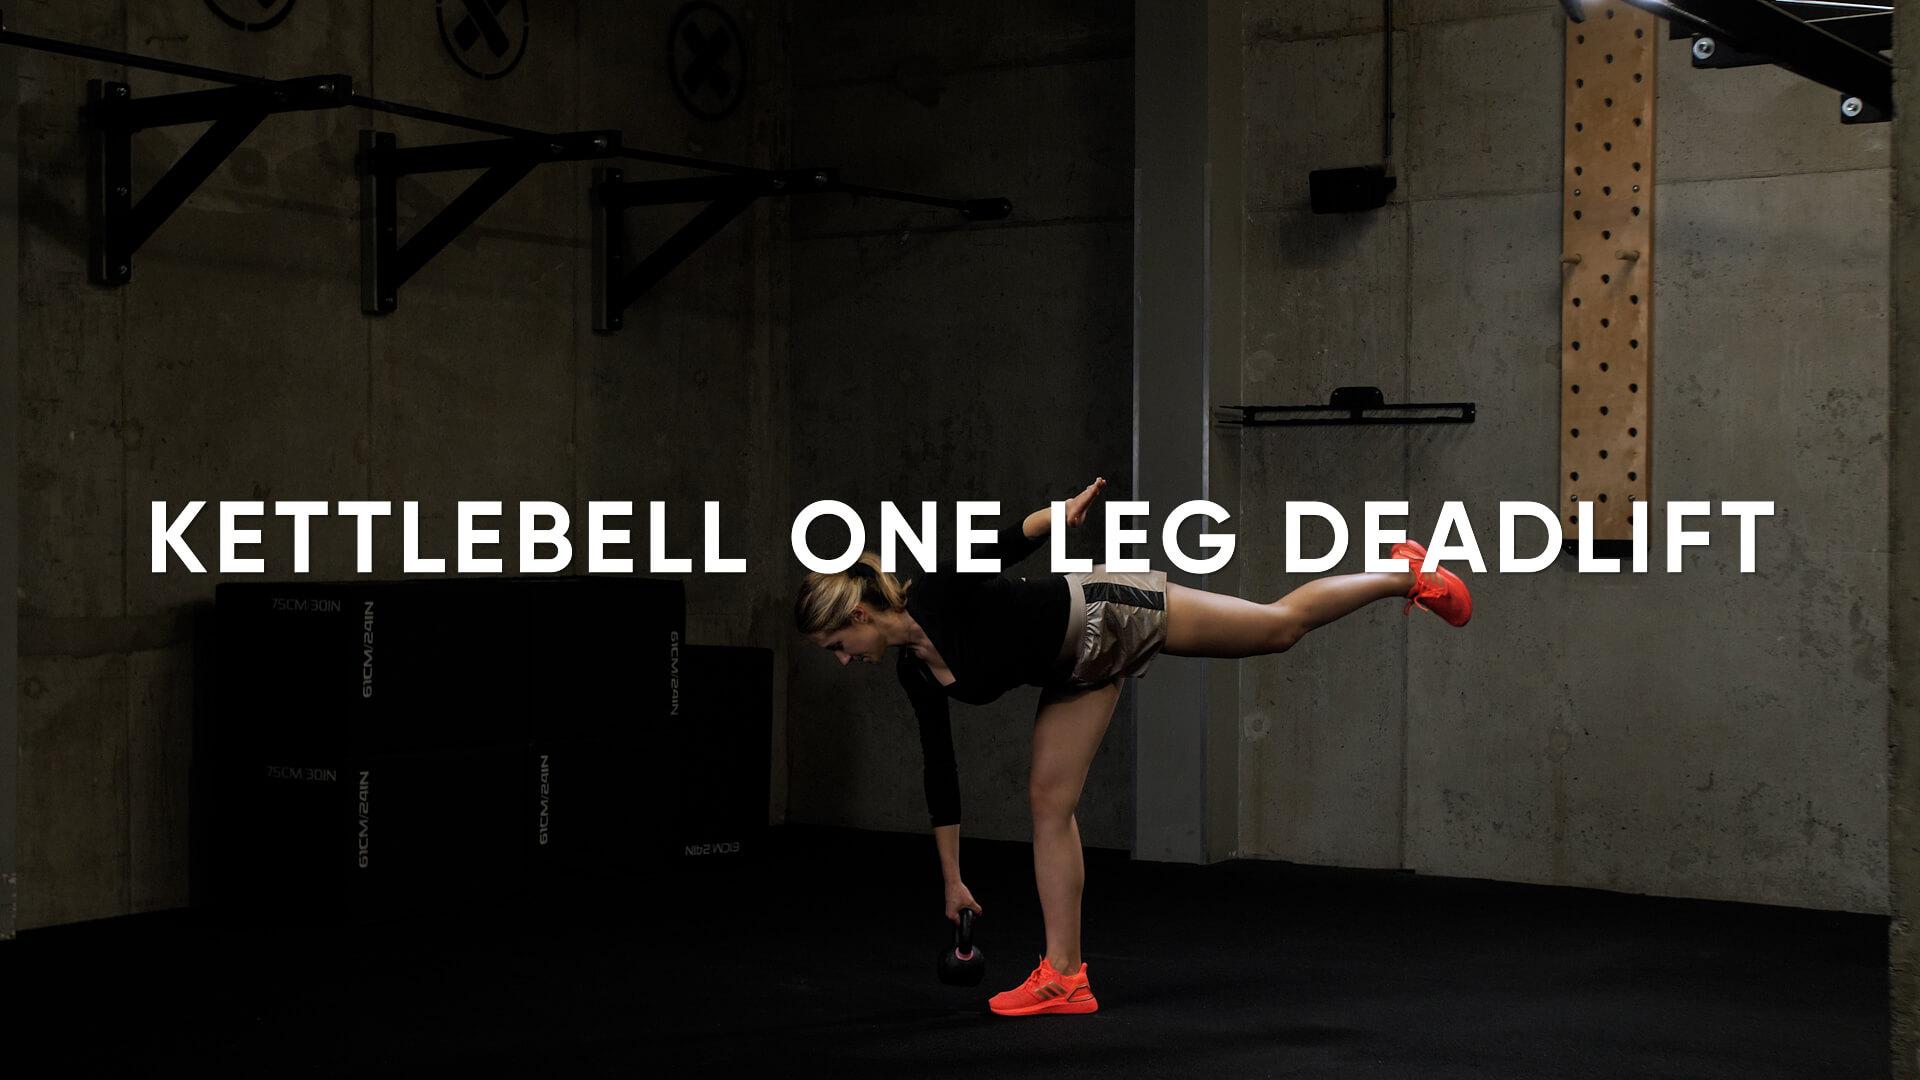 Kettlebell One Leg Deadlift